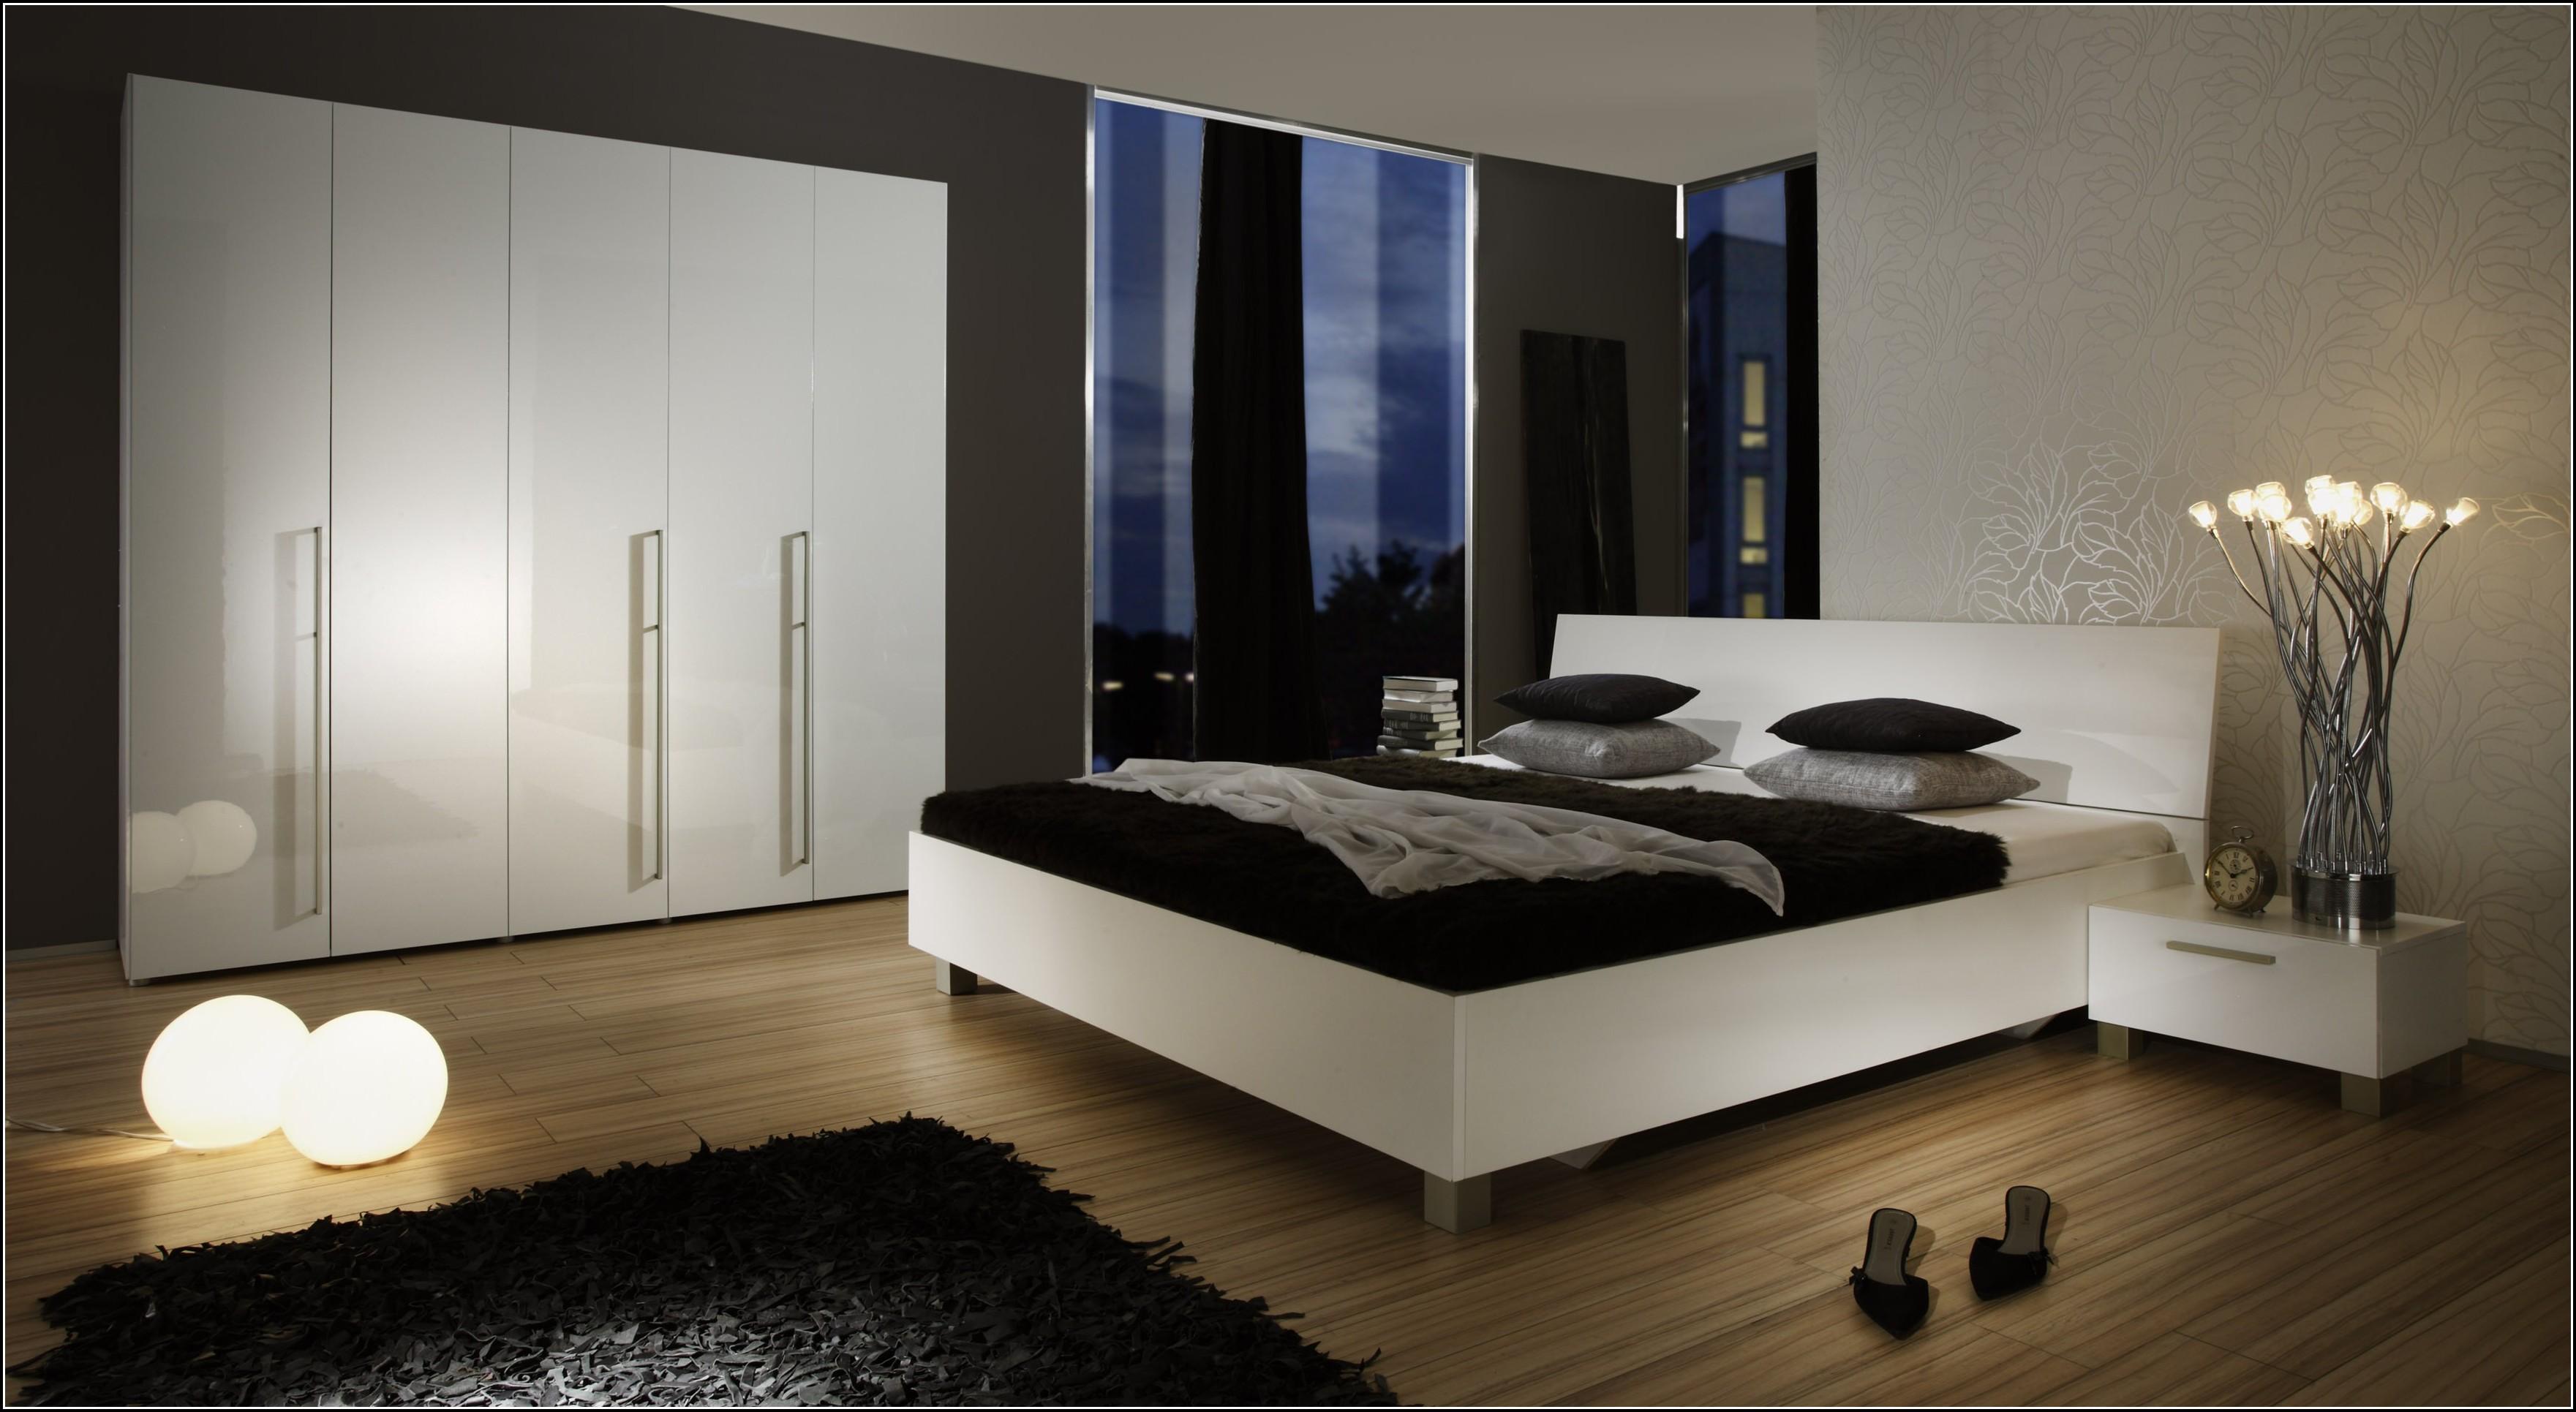 Komplett Schlafzimmer 140x200 Bett Schlafzimmermöbel